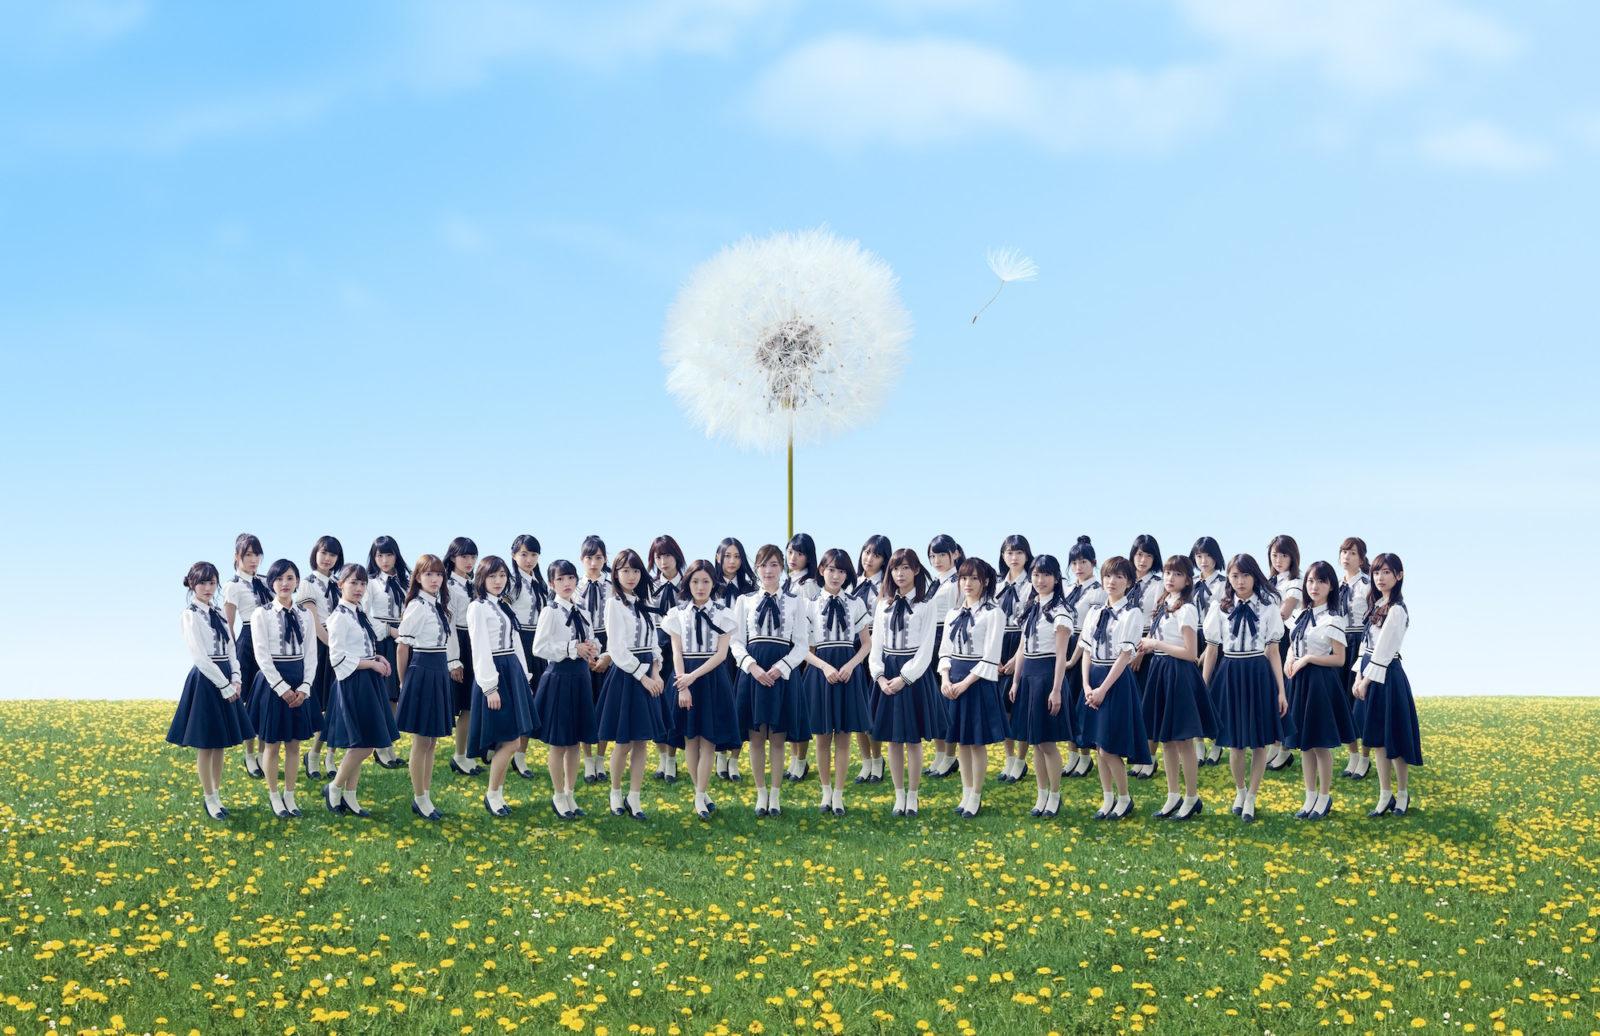 """NMB48・須藤凜々花""""結婚宣言""""をスピーチで批判のAKB48・高橋朱里、発言について謝罪「ごめんなさい」サムネイル画像"""